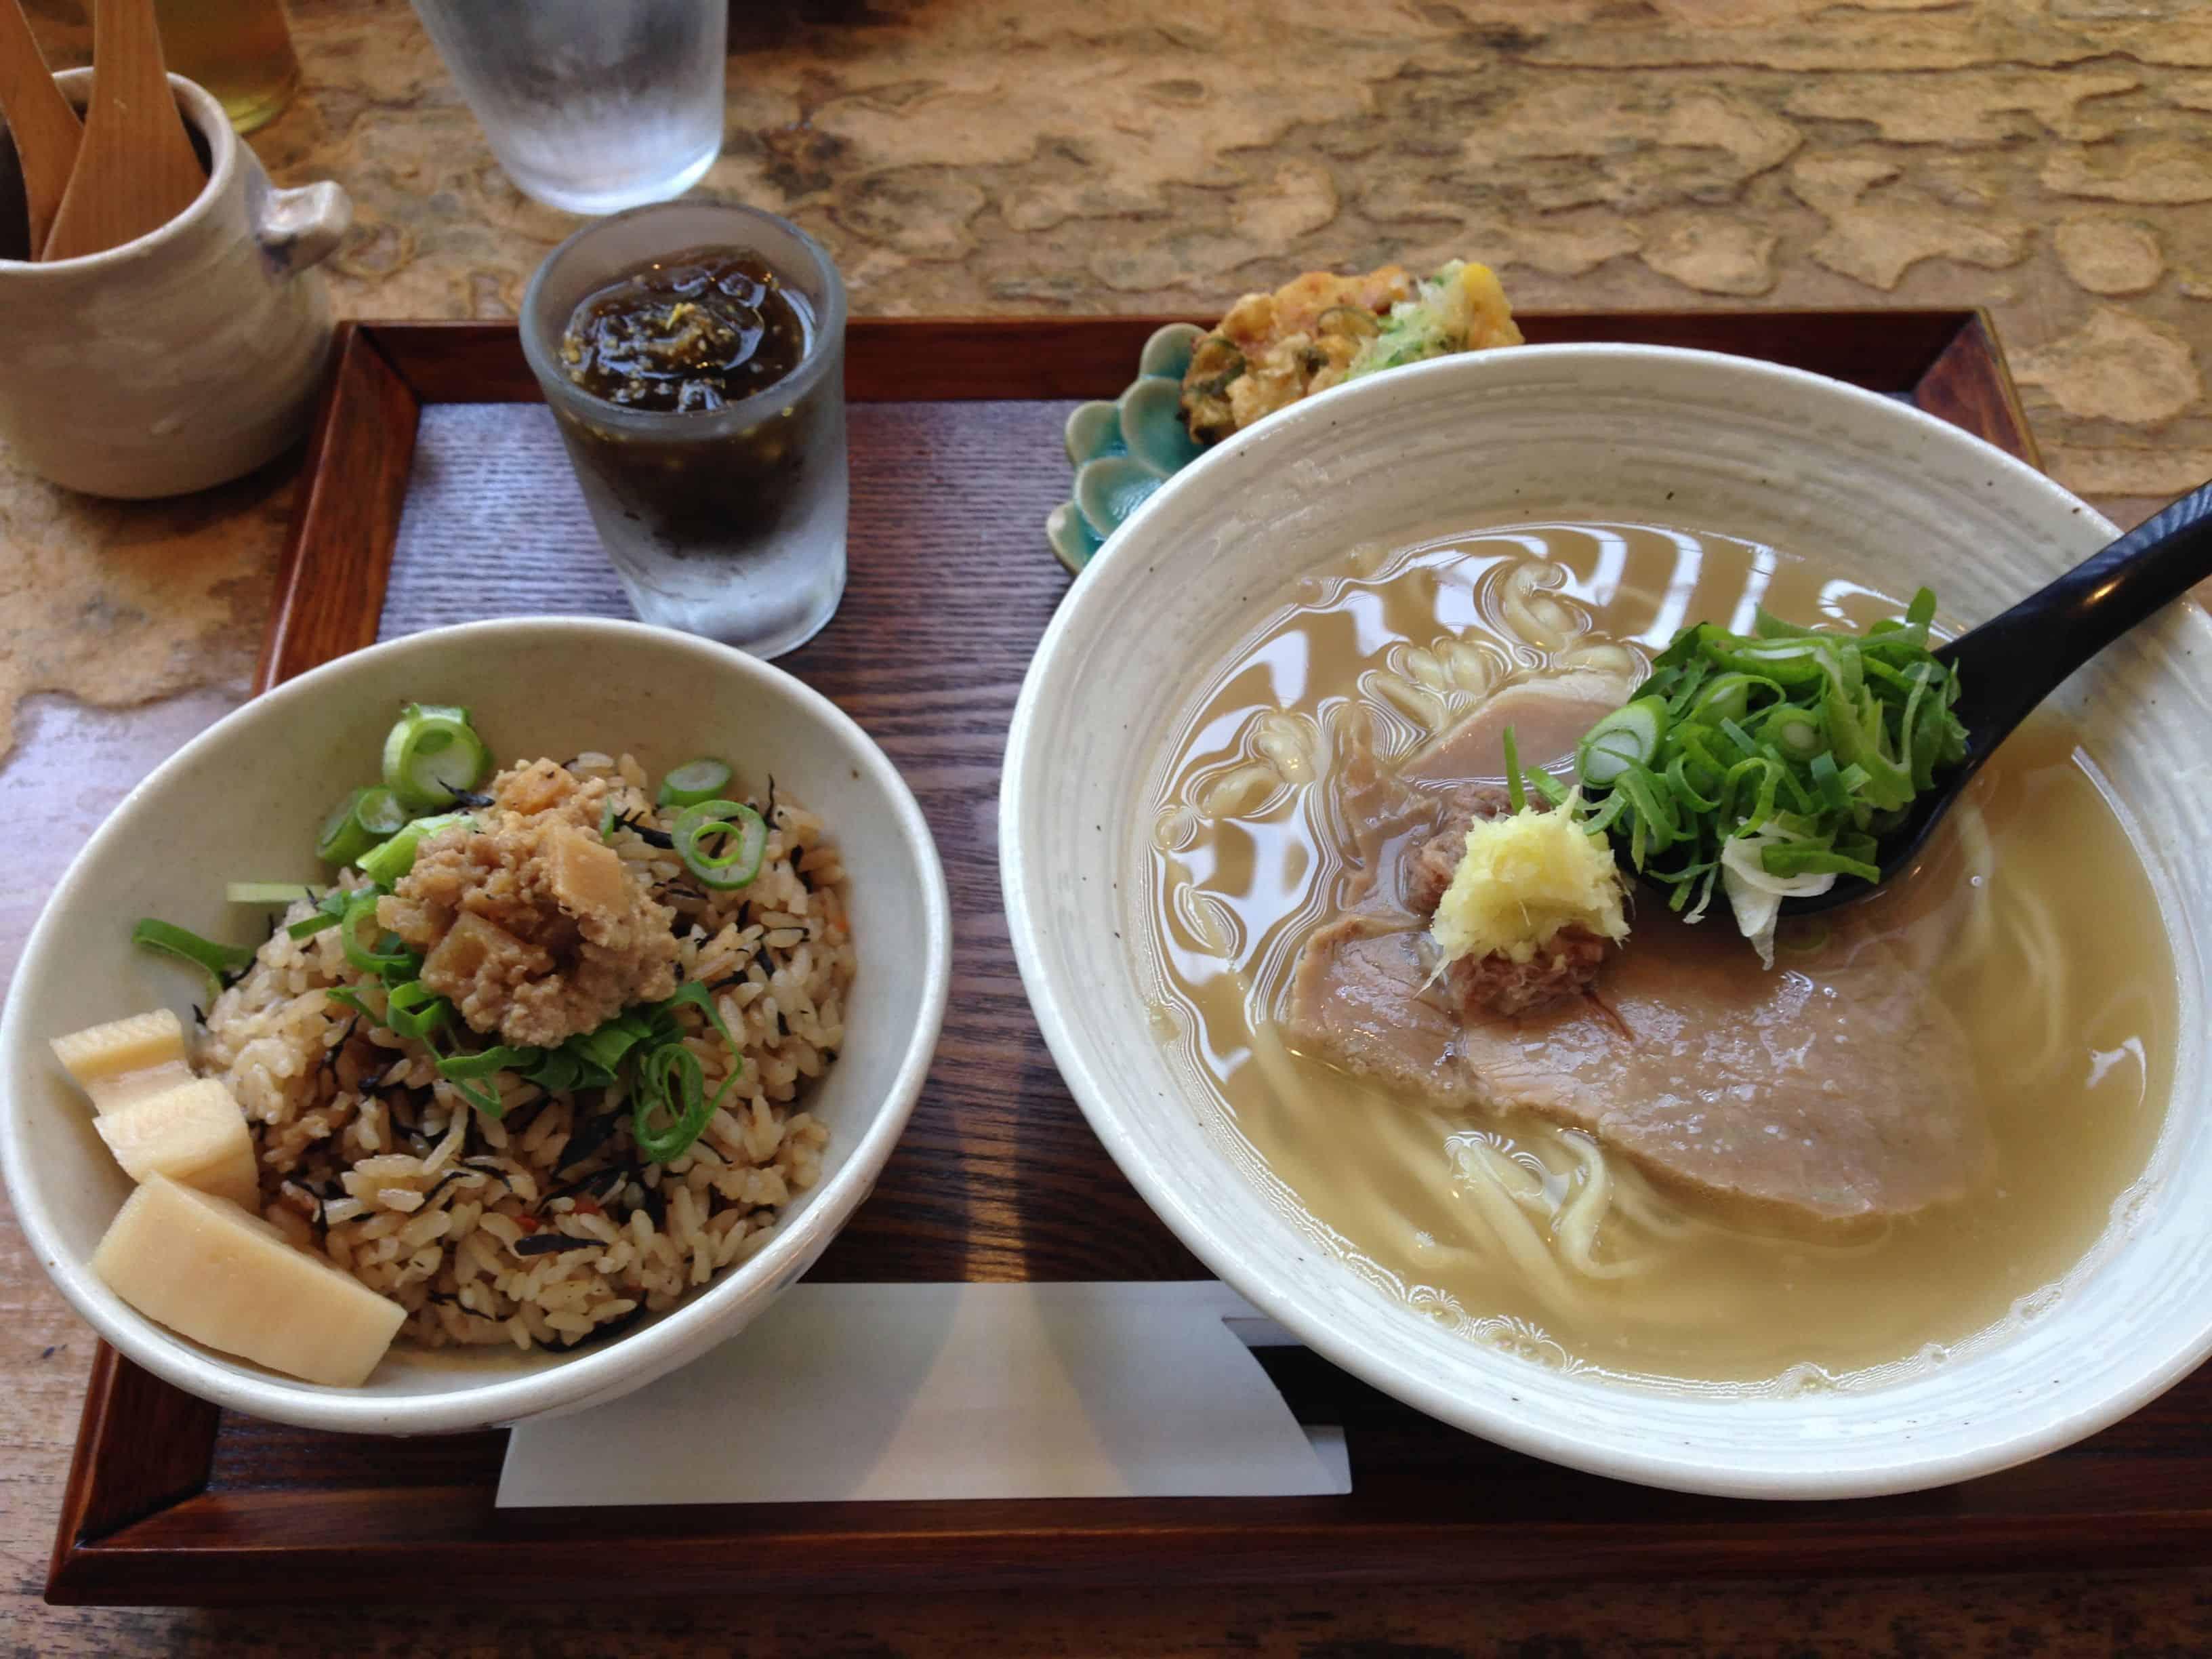 อาหารโอกินาว่า : โซกิโซบะ